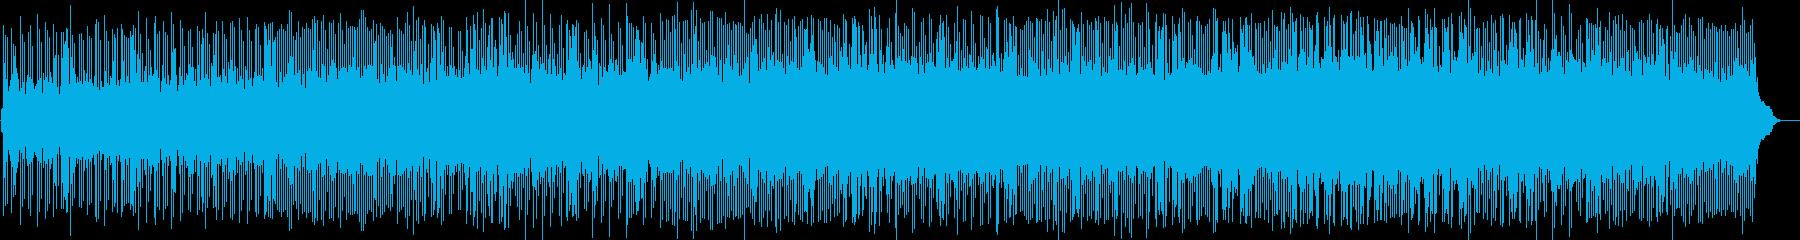 ポップバンドオーケストレーションと...の再生済みの波形